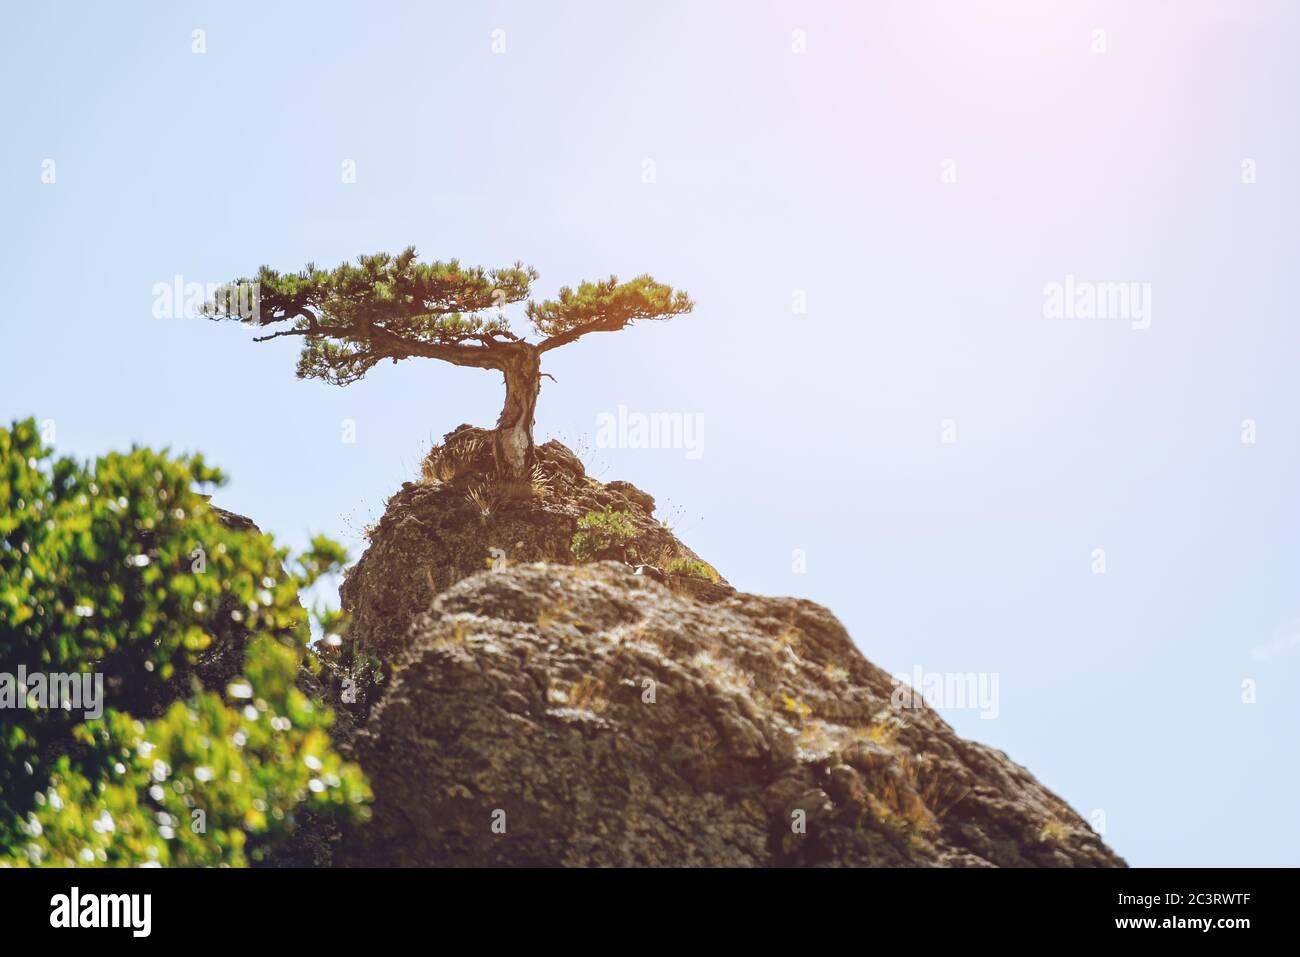 Pino solitario que crece en la cima de una montaña contra el cielo. Paisaje. Foto de stock